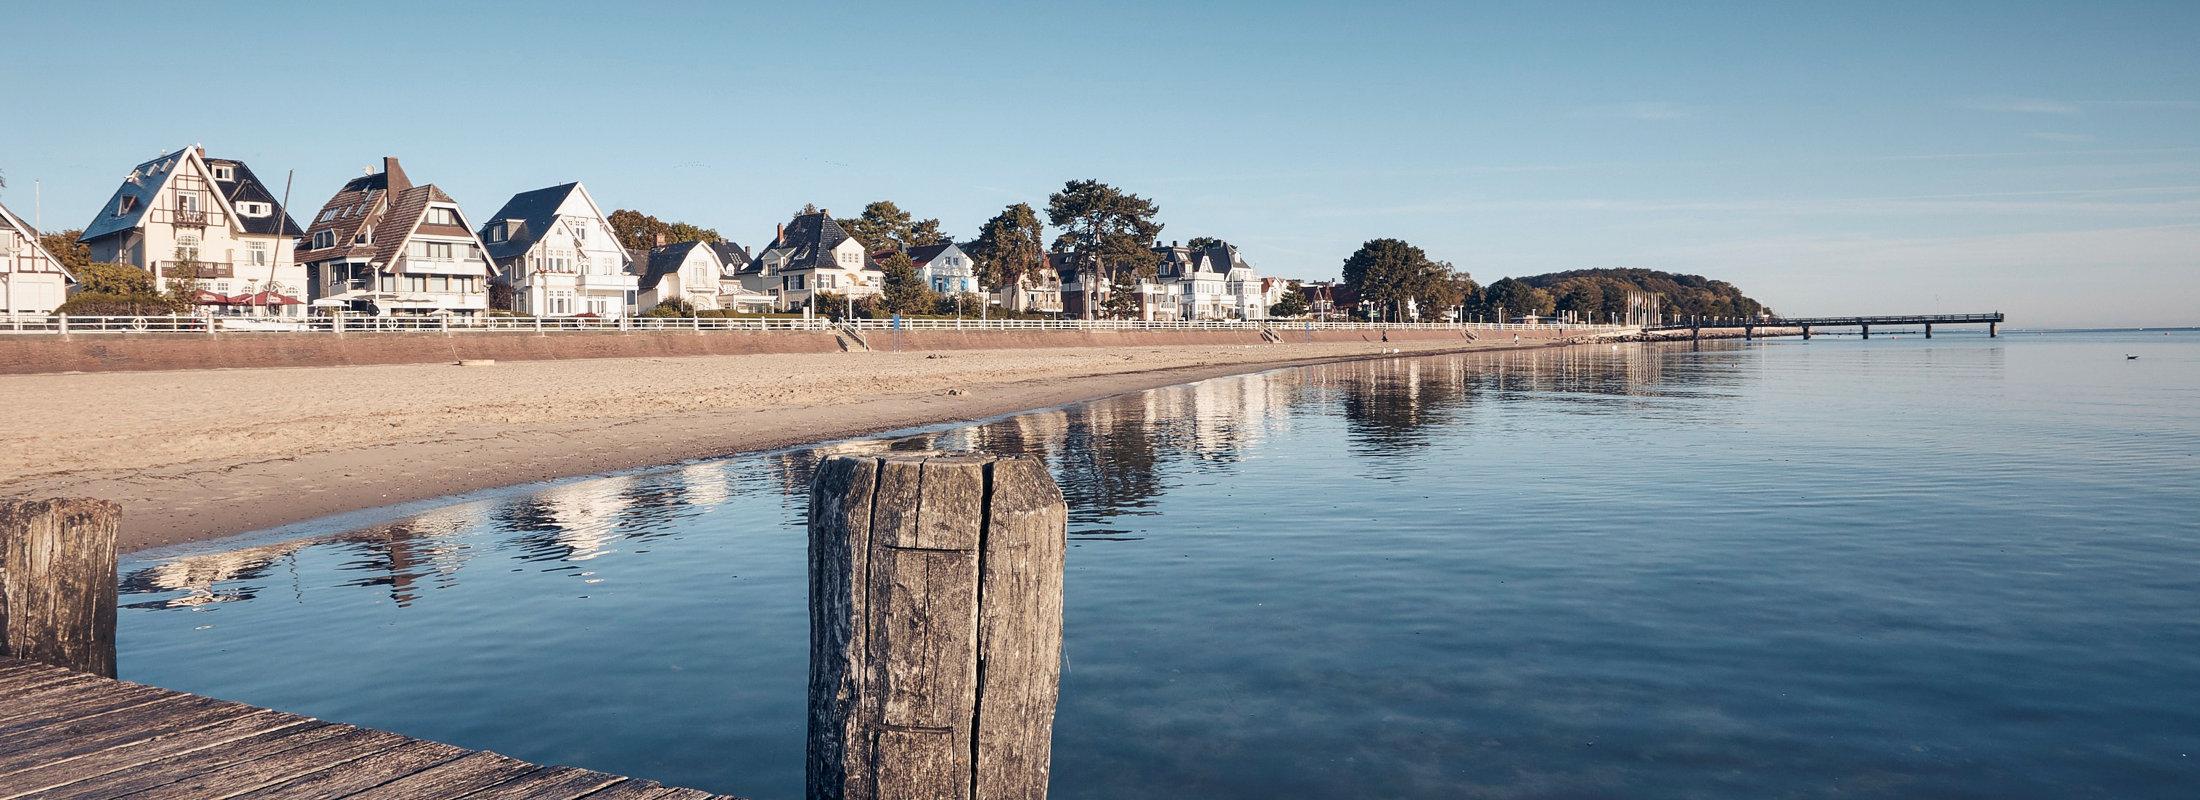 Entspannen an der Ostsee.